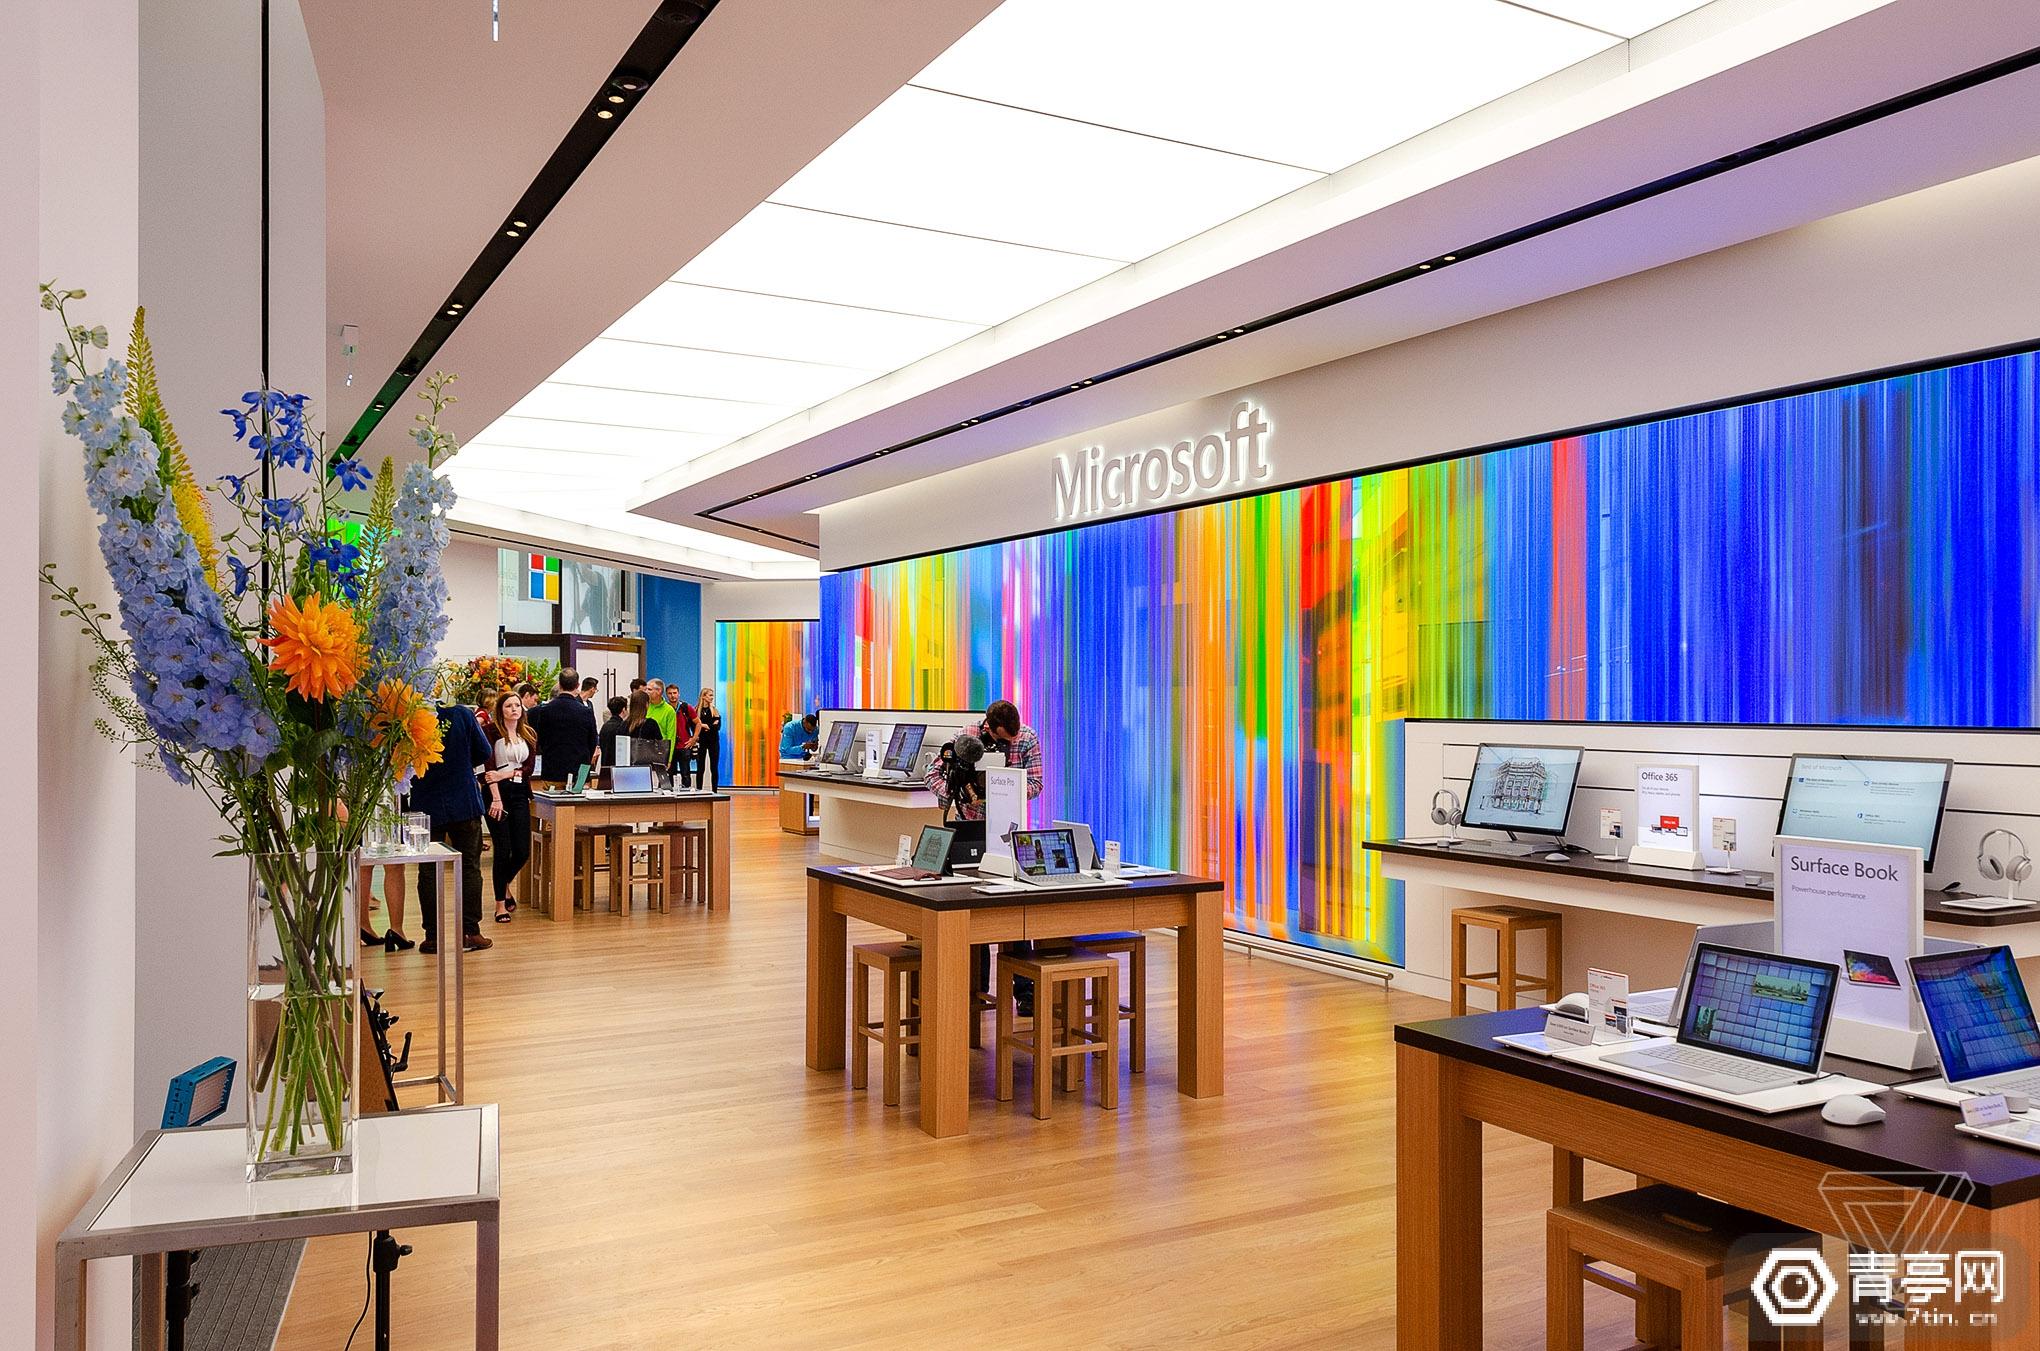 微软欧洲首家零售店开业,设立HoloLens 2企业解决方案展示区